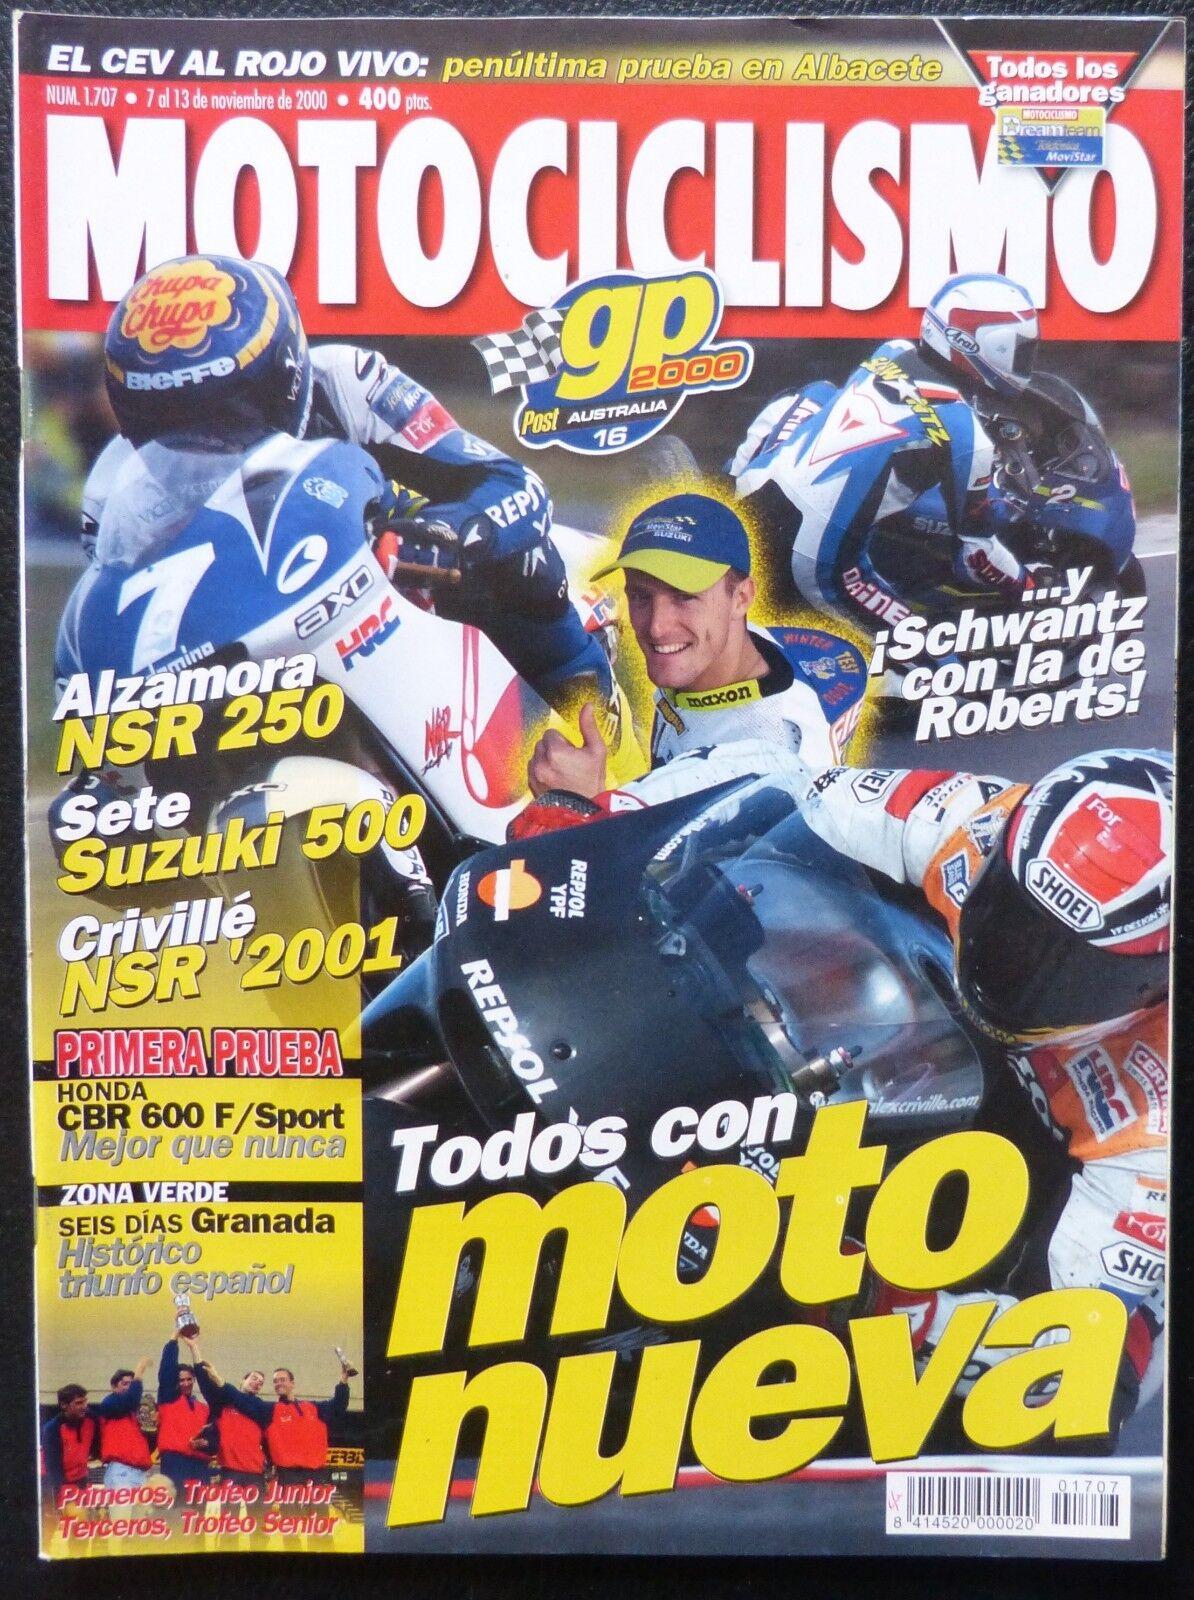 REVISTA MOTOCICLISMO,AÑO 2000,NUMERO 1707, Todos con moto nueva